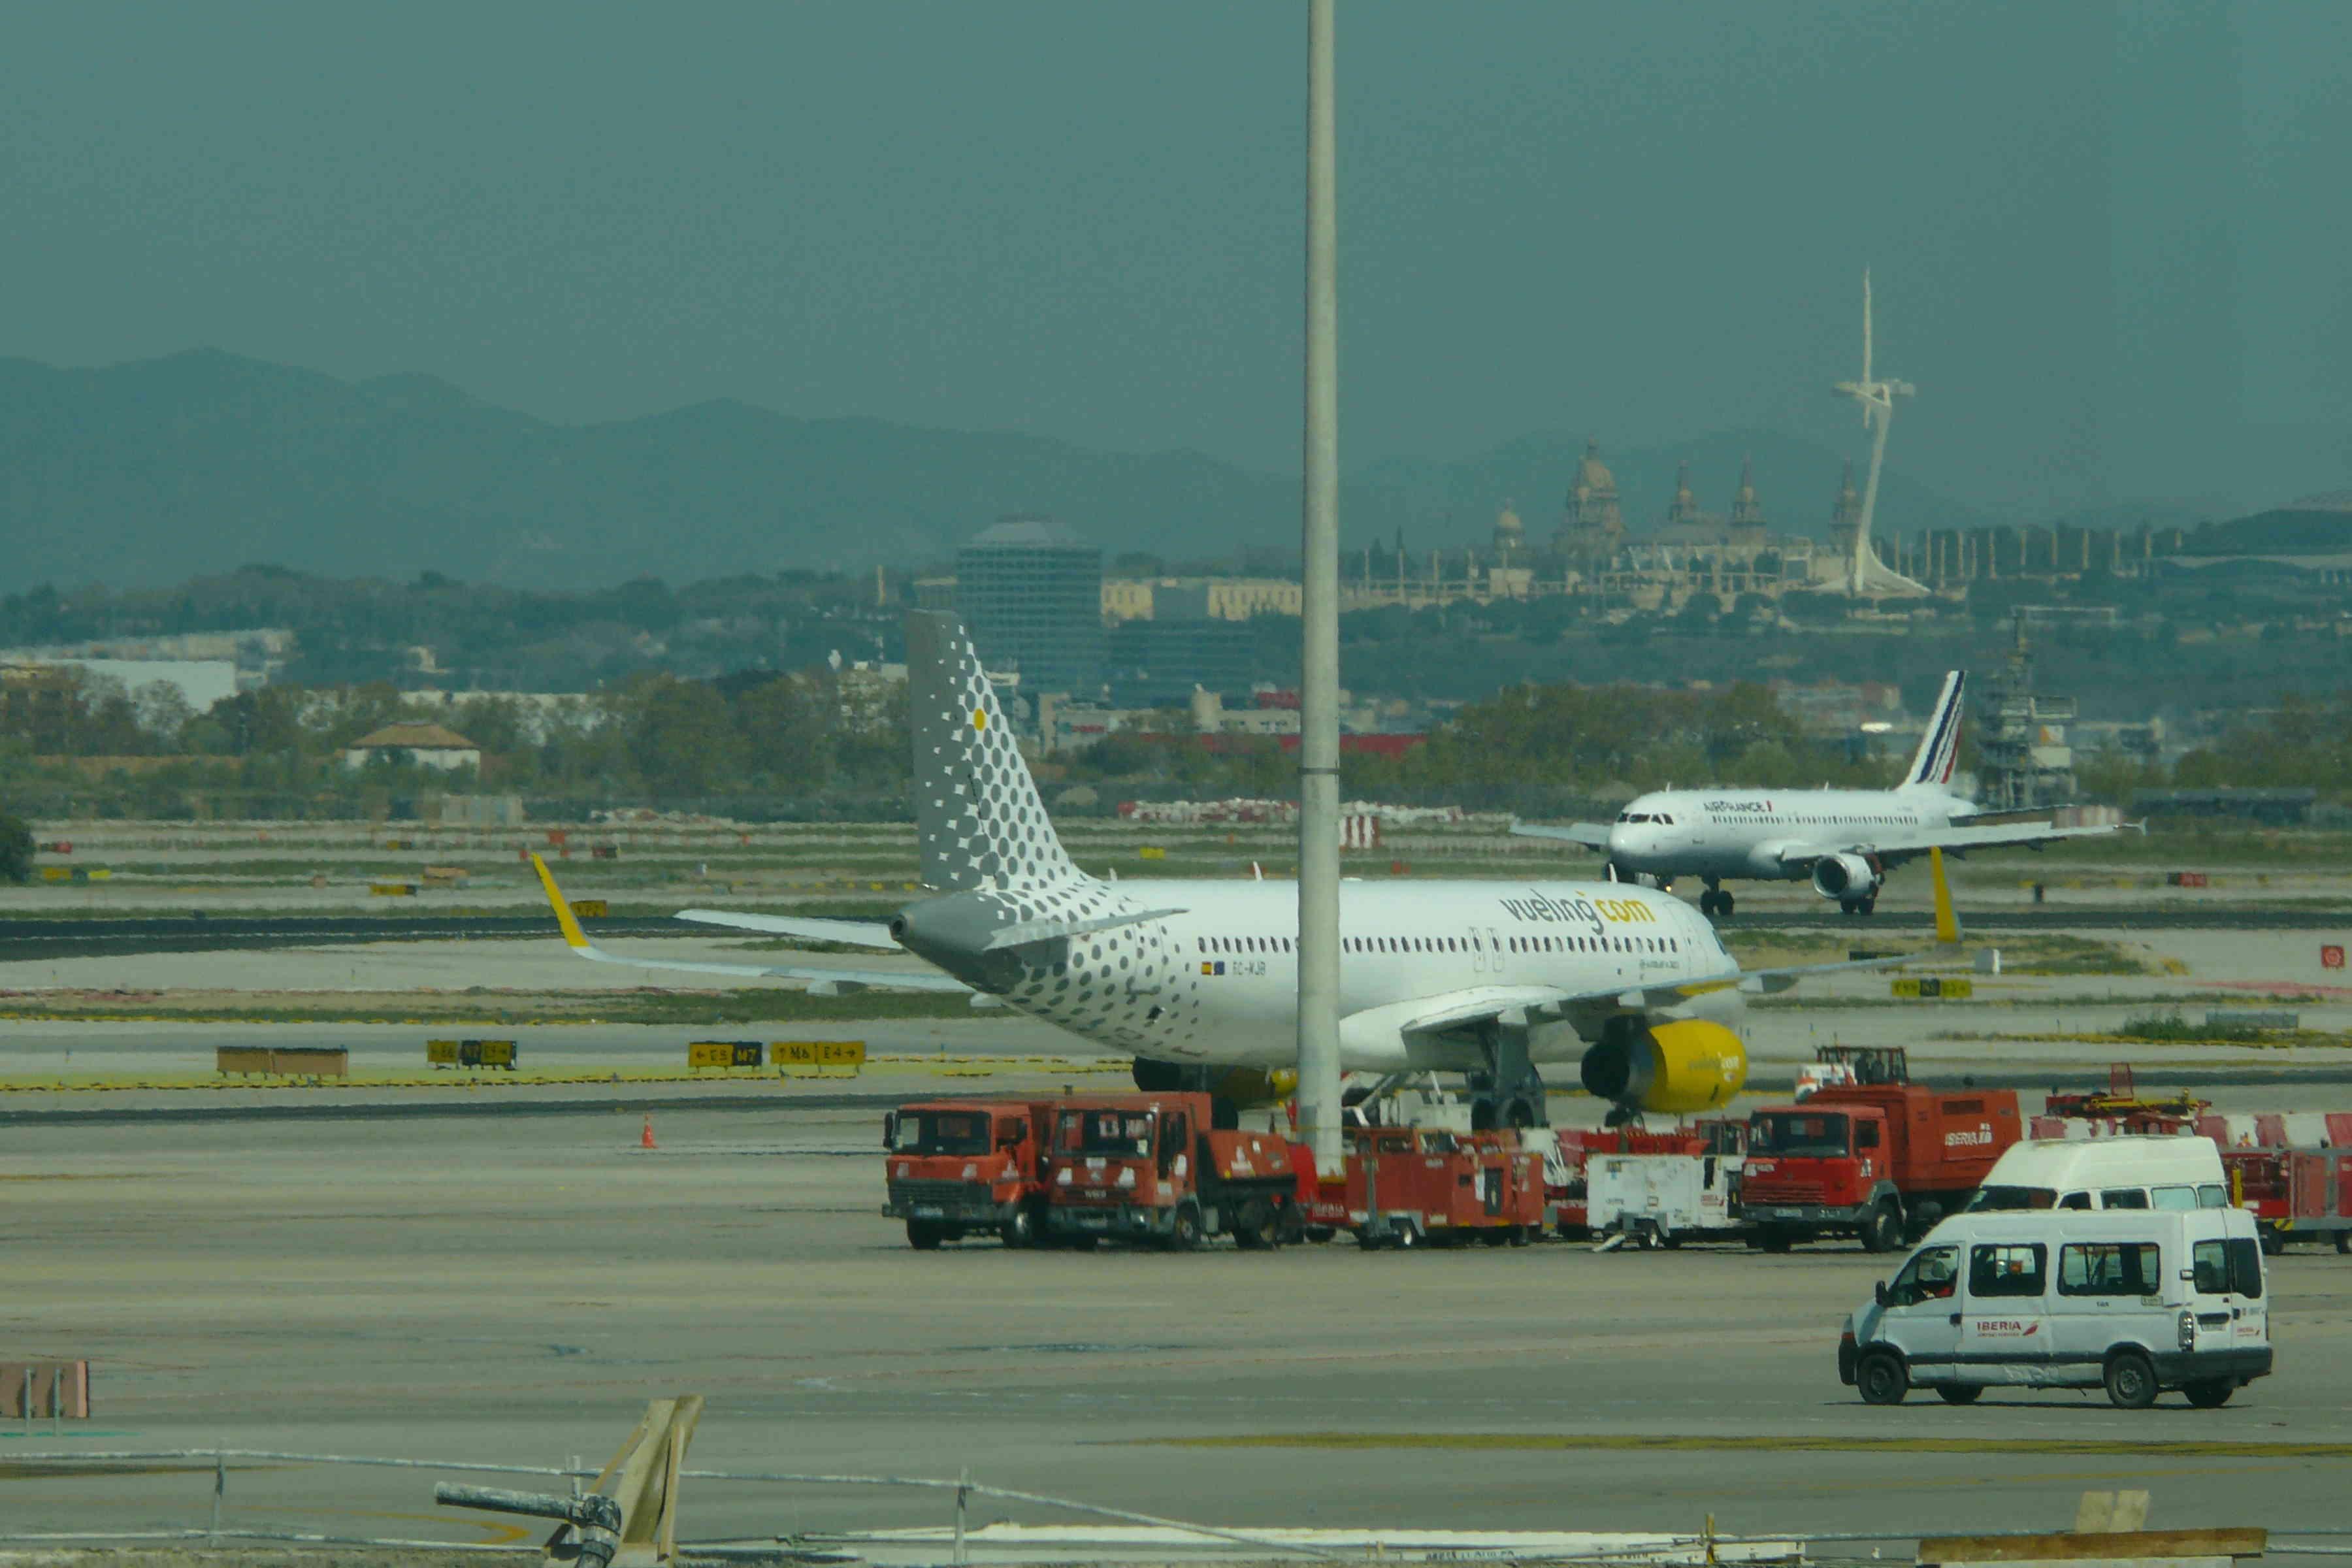 El Prat - Aeropuerto de Barcelona P1170316